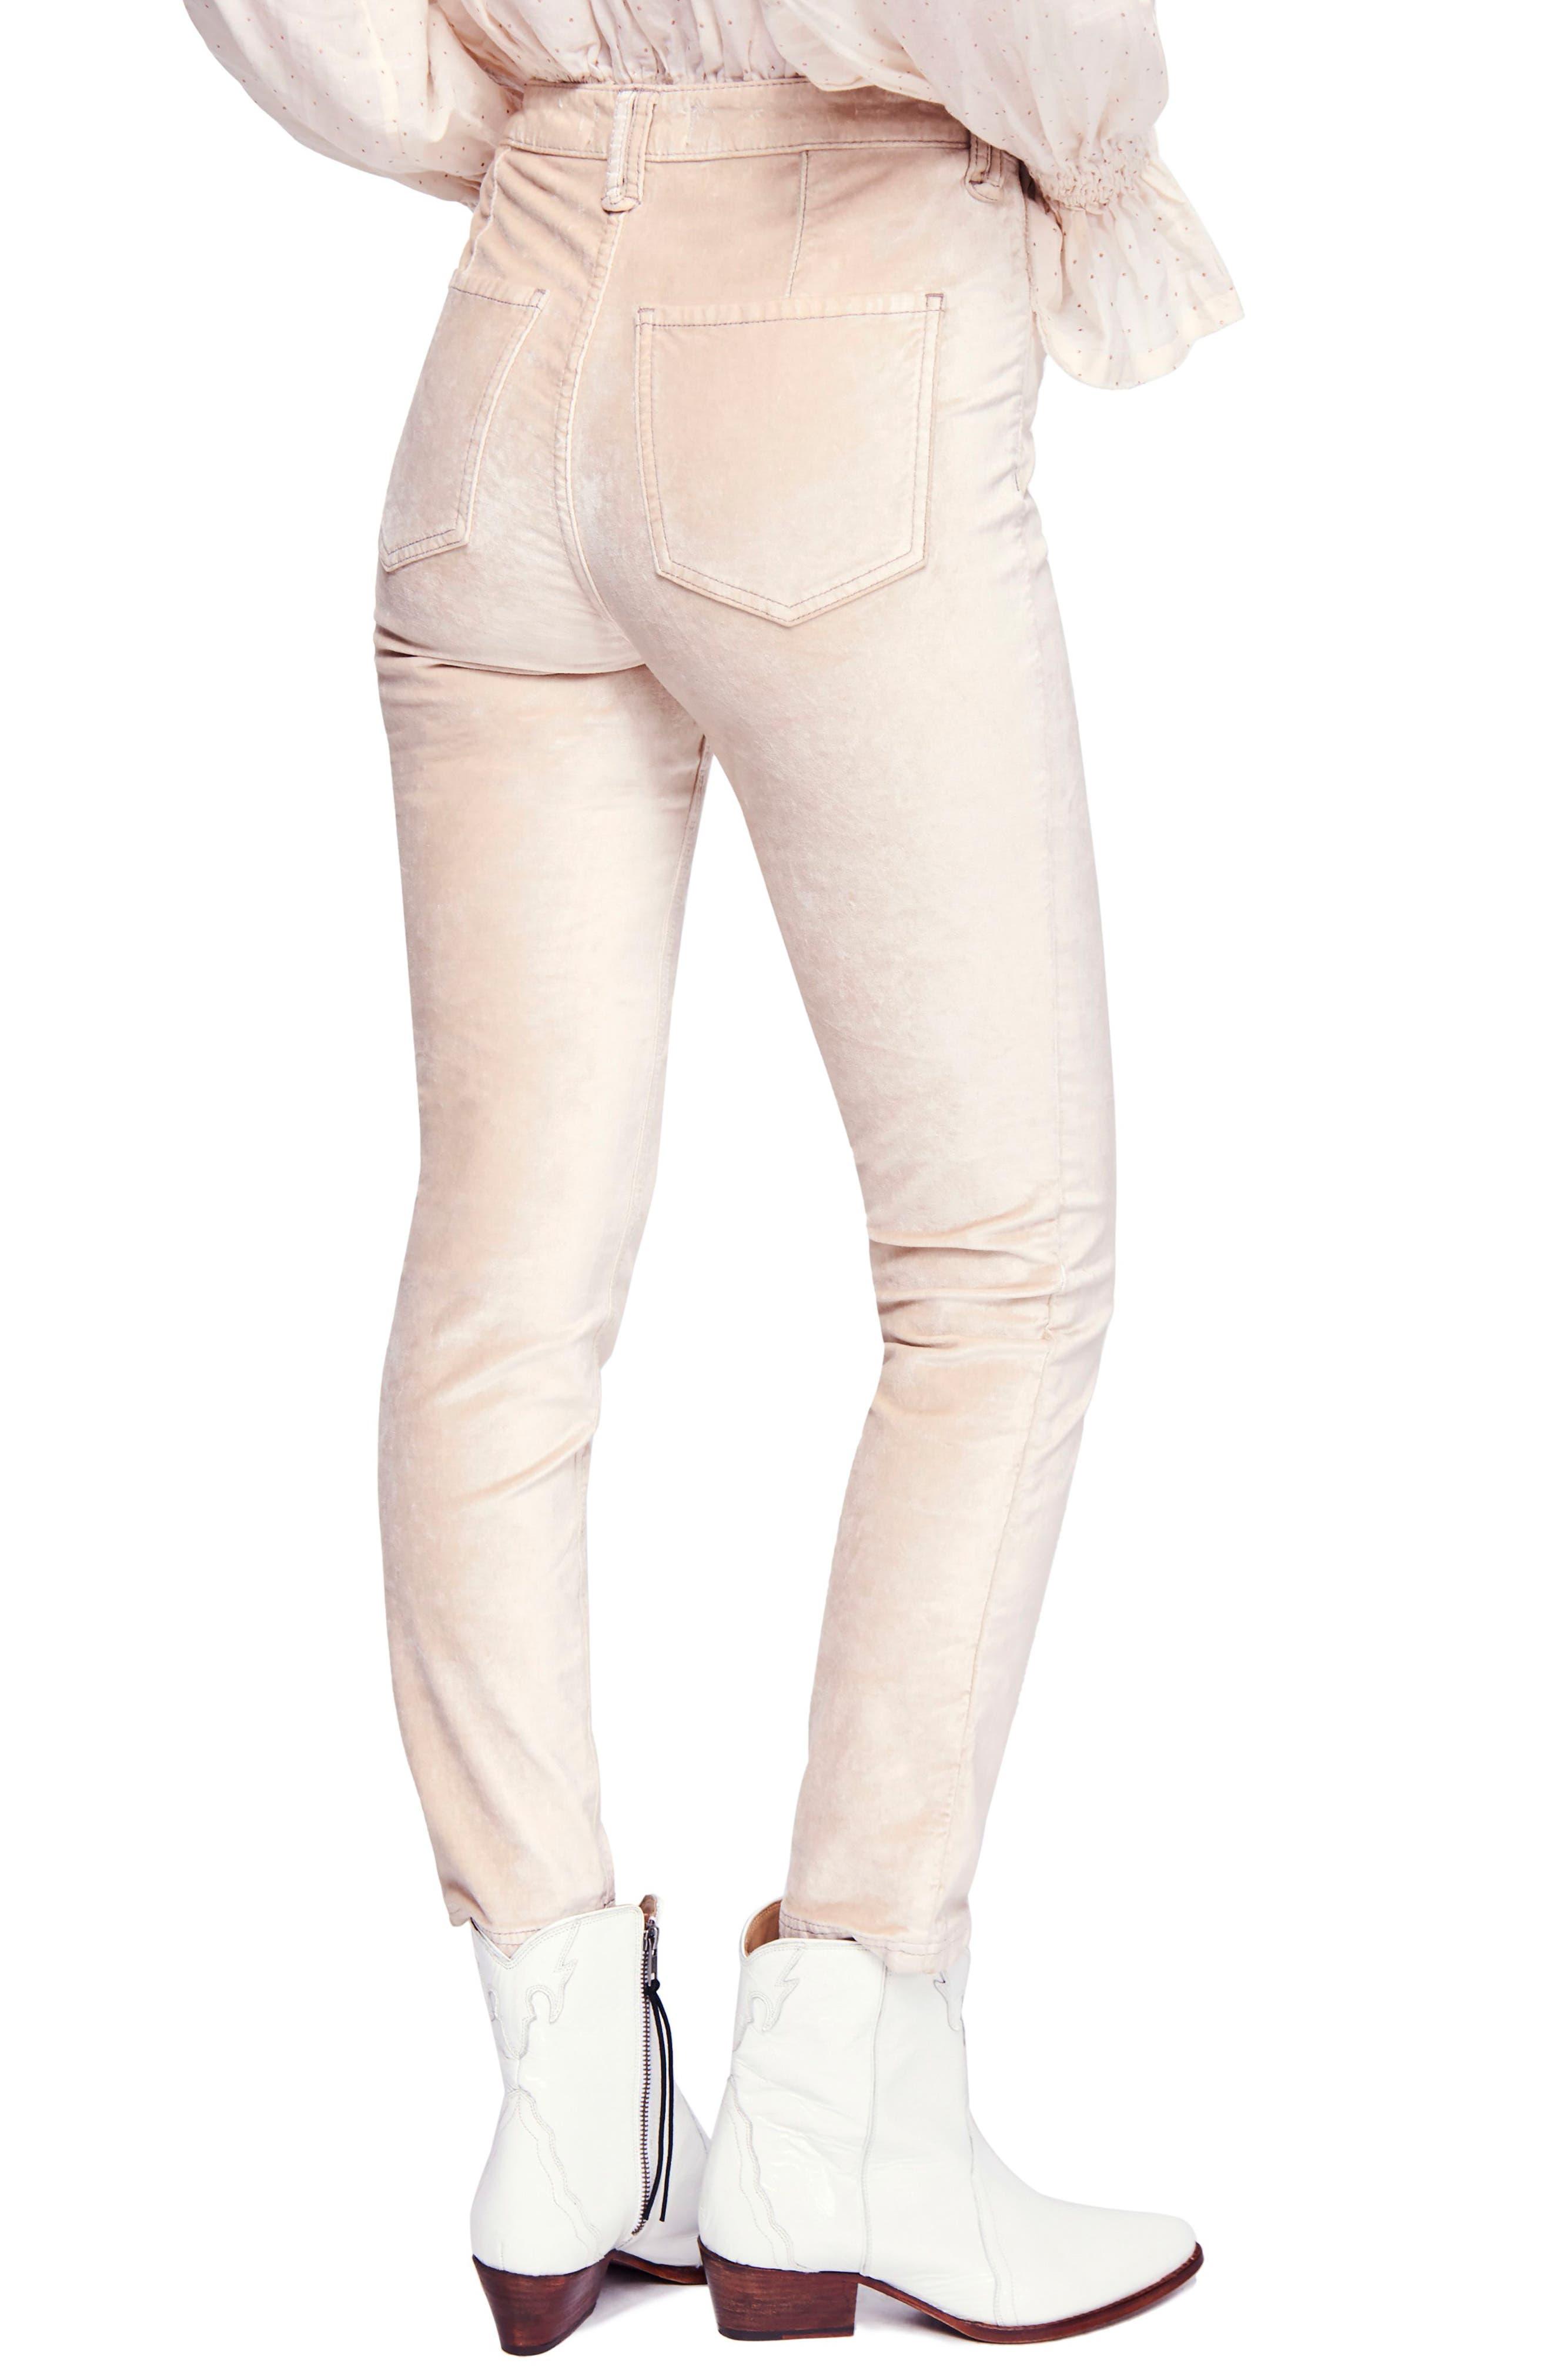 Sweet Jane Velvet Skinny Jeans,                             Alternate thumbnail 2, color,                             903